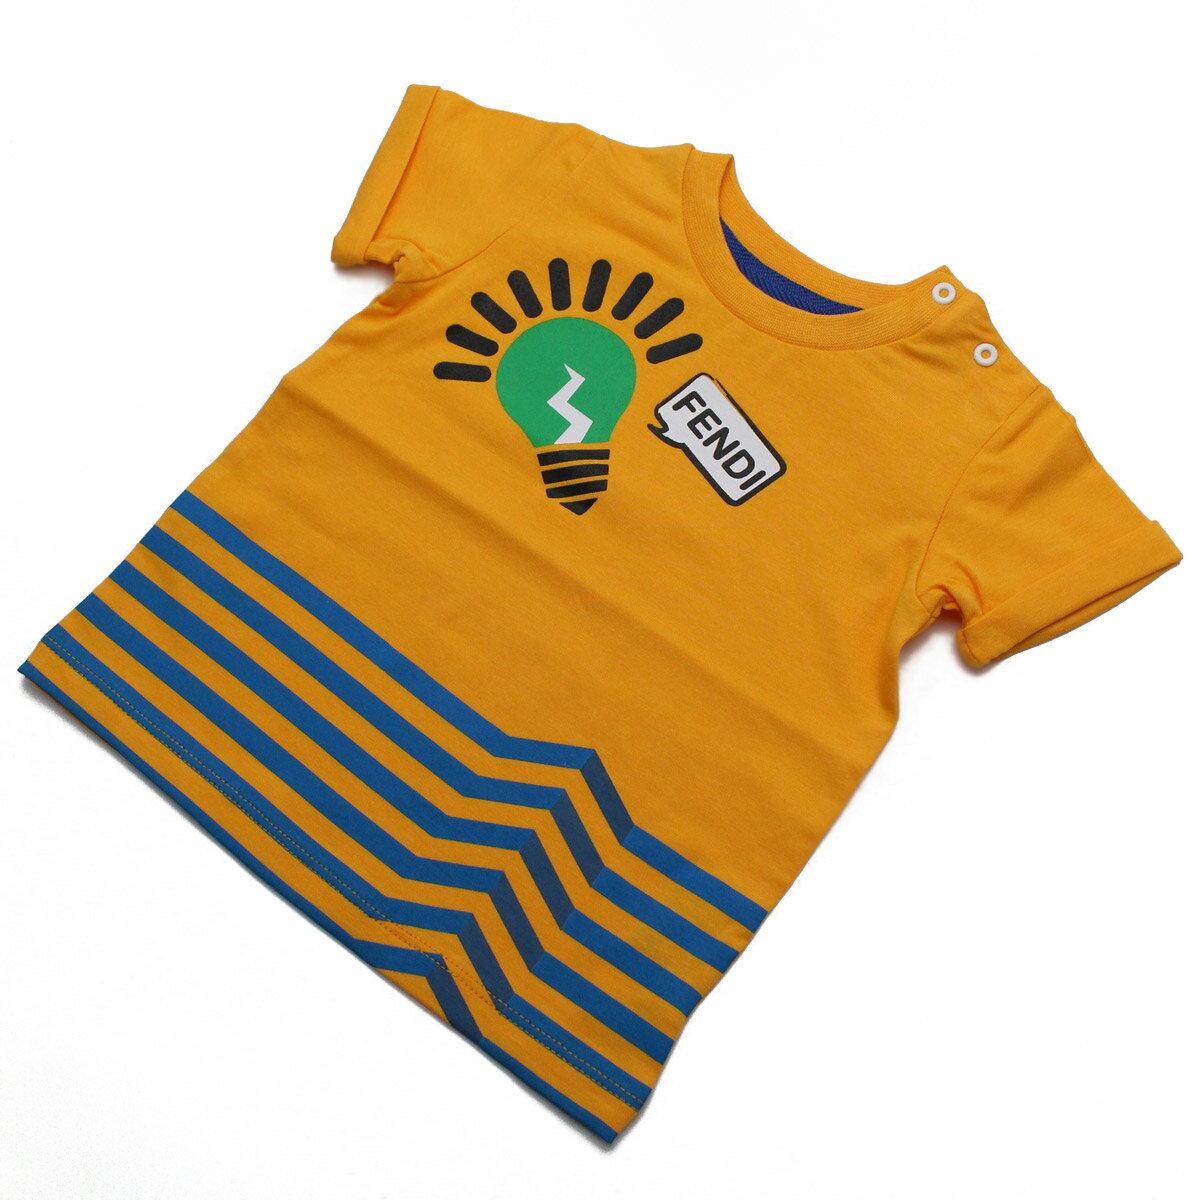 フェンディ (FENDI) ベビーTシャツ ベビー服 BMI060 ST8 F0EU5 オレンジ系【キッズ・ベビー】